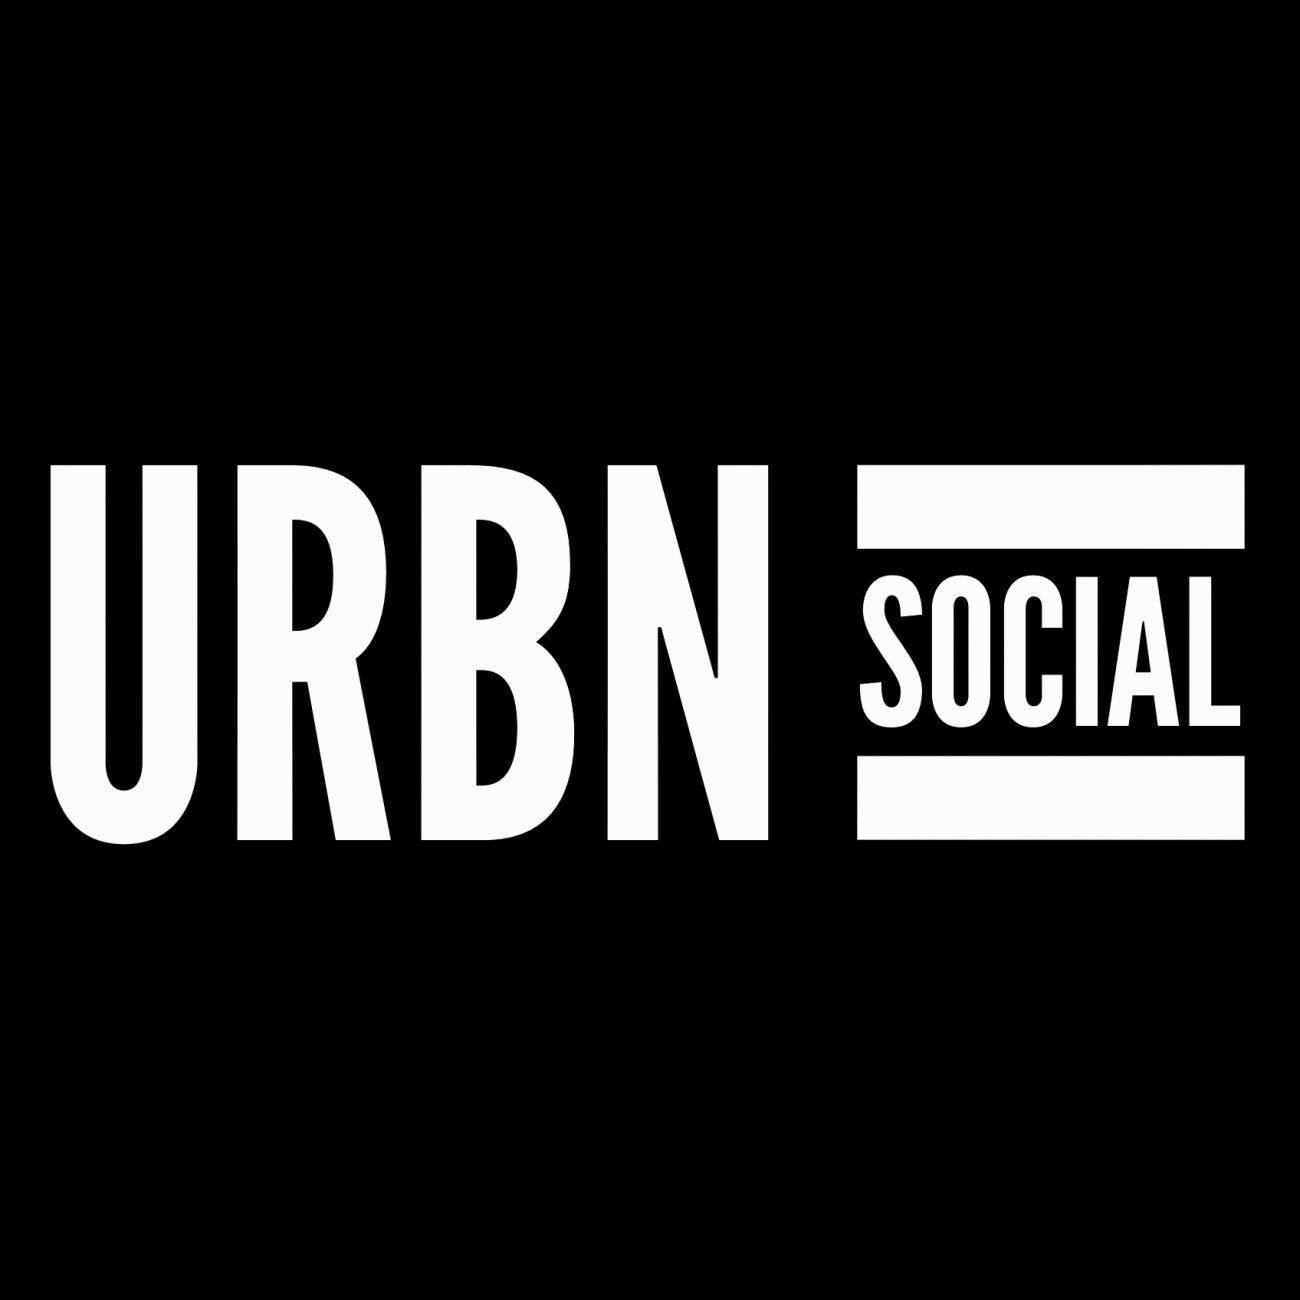 Black Square URBN Social